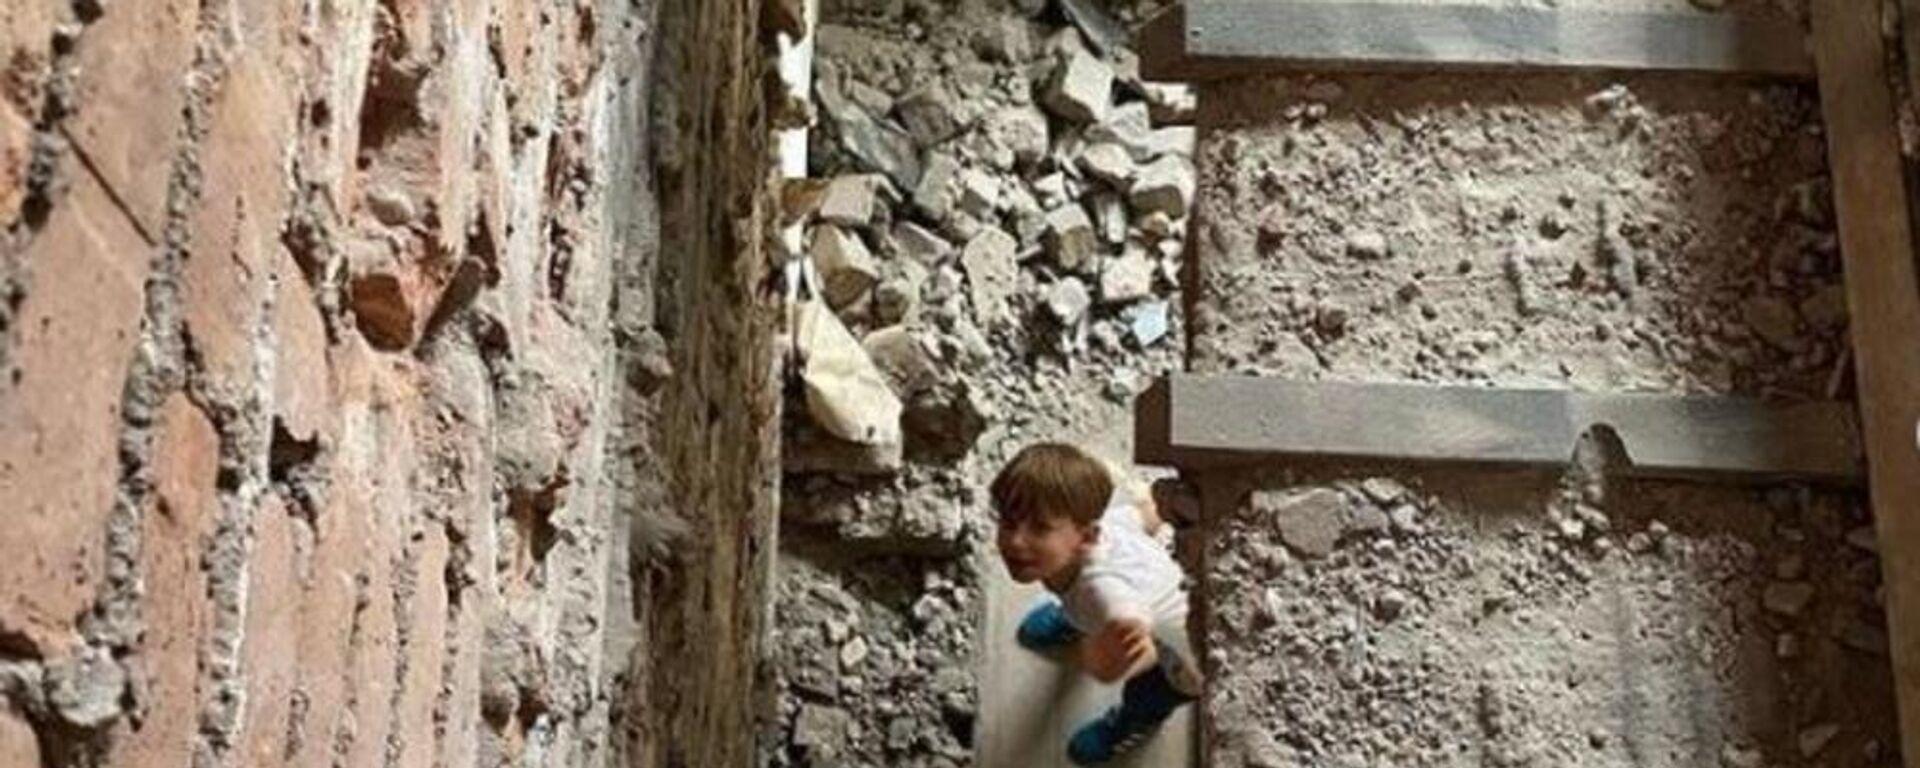 Μαμά μεταμόρφωσε μόνη της το σπίτι από ερείπιο σε παλάτι - Sputnik Ελλάδα, 1920, 08.09.2021